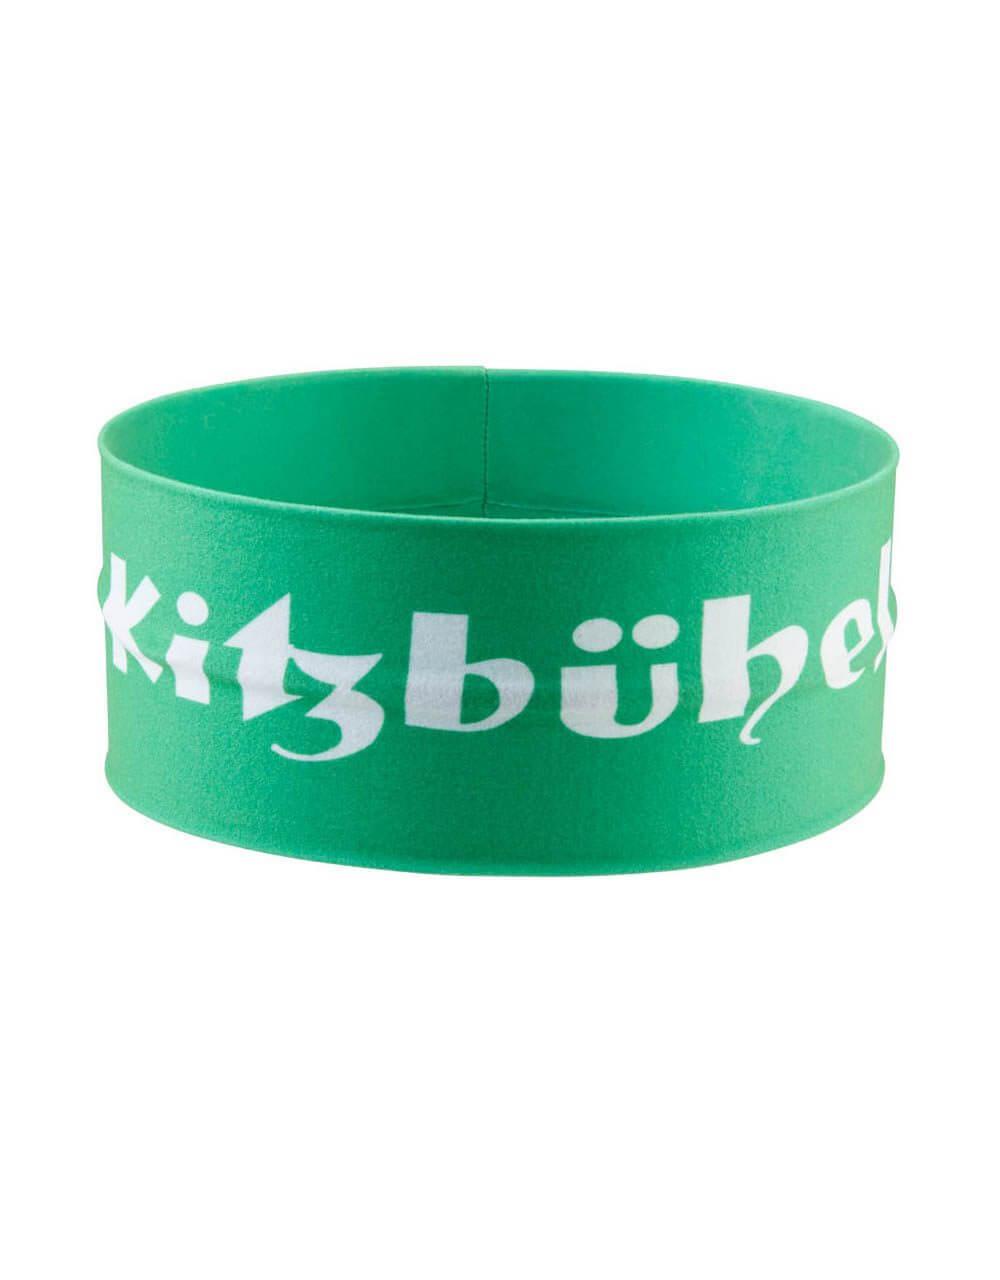 706038350 Stirnband grün 1